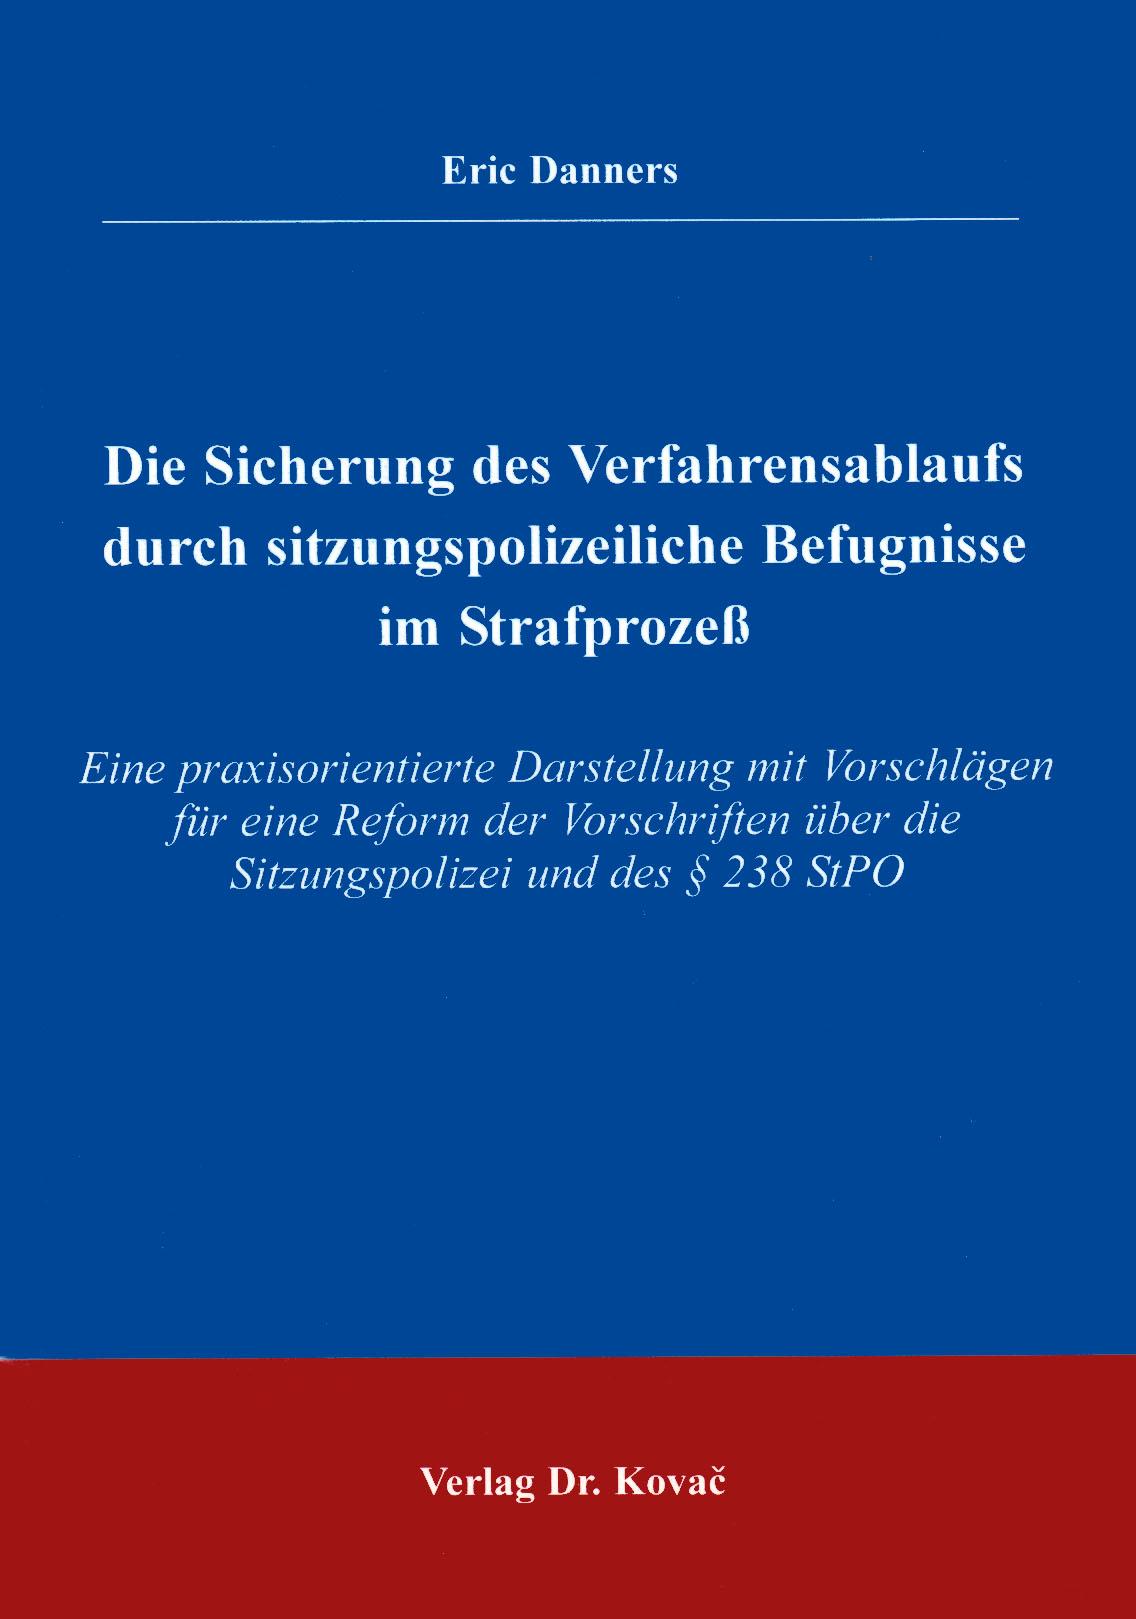 Cover: Die Sicherung des Verfahrensablaufs durch sitzungspolizeiliche Befugnisse im Strafprozeß